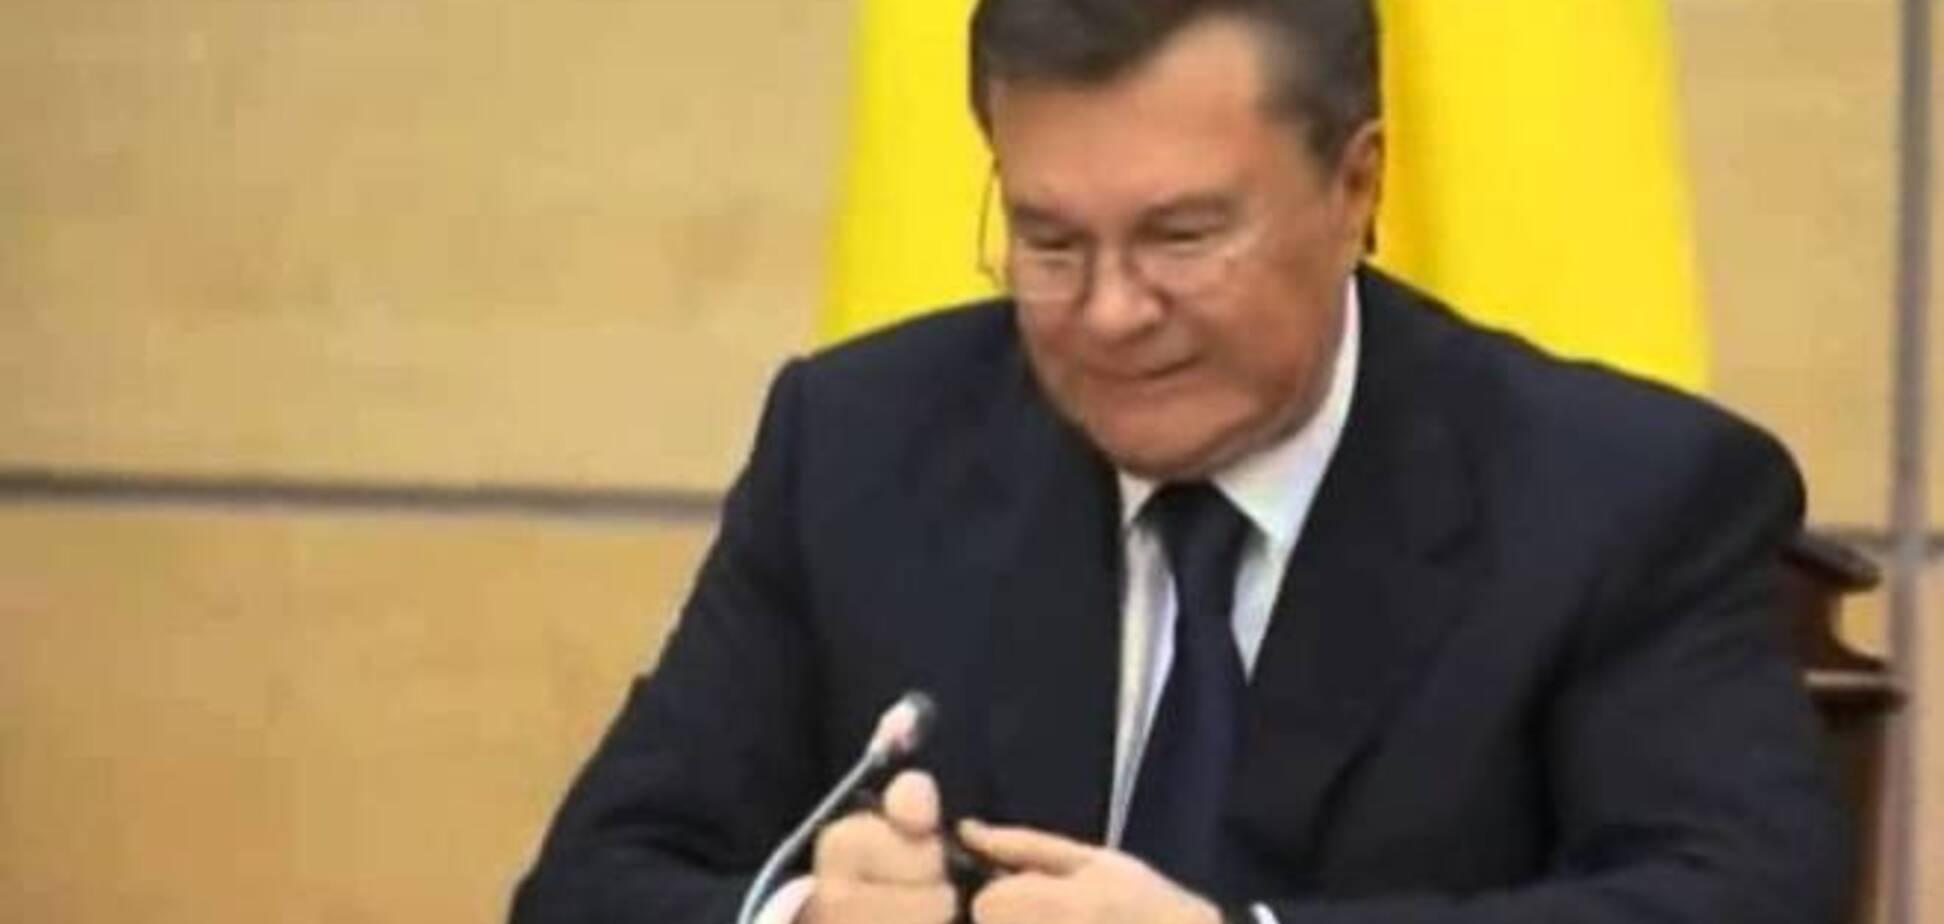 Ярема звернувся до генпрокуратури Росії з проханням екстрадувати Януковича і Ко